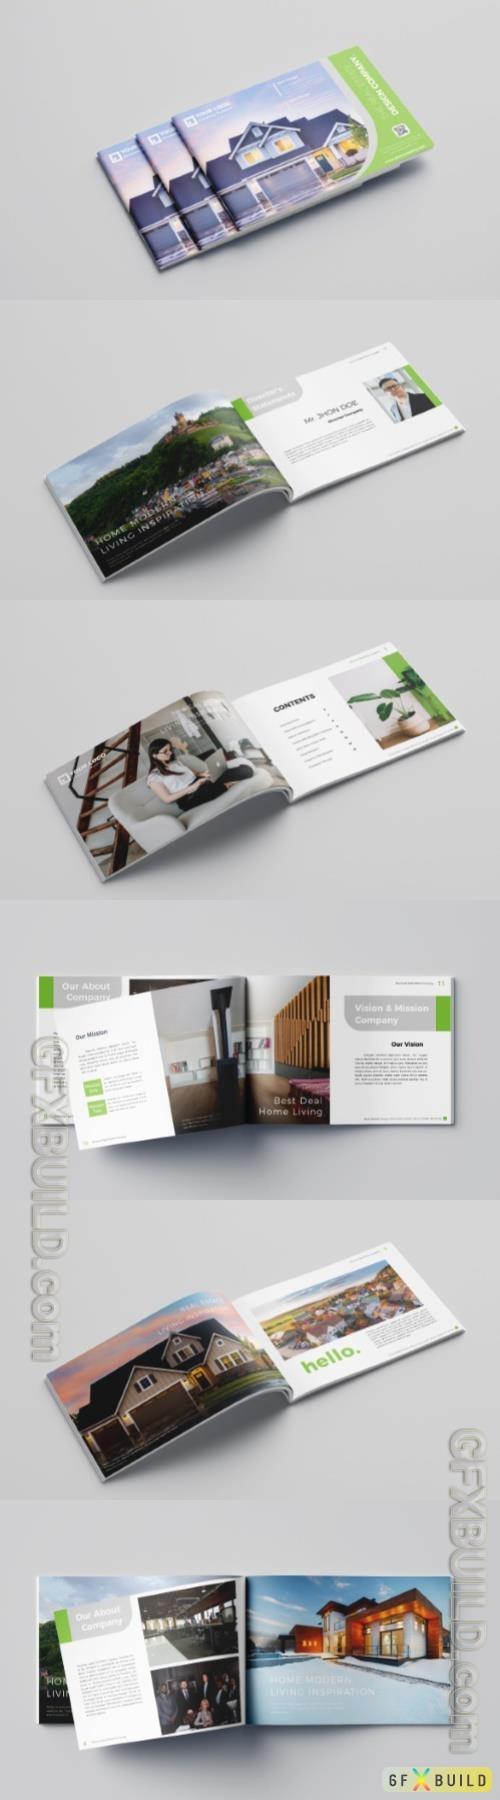 Real Estate Brochure Vol.2